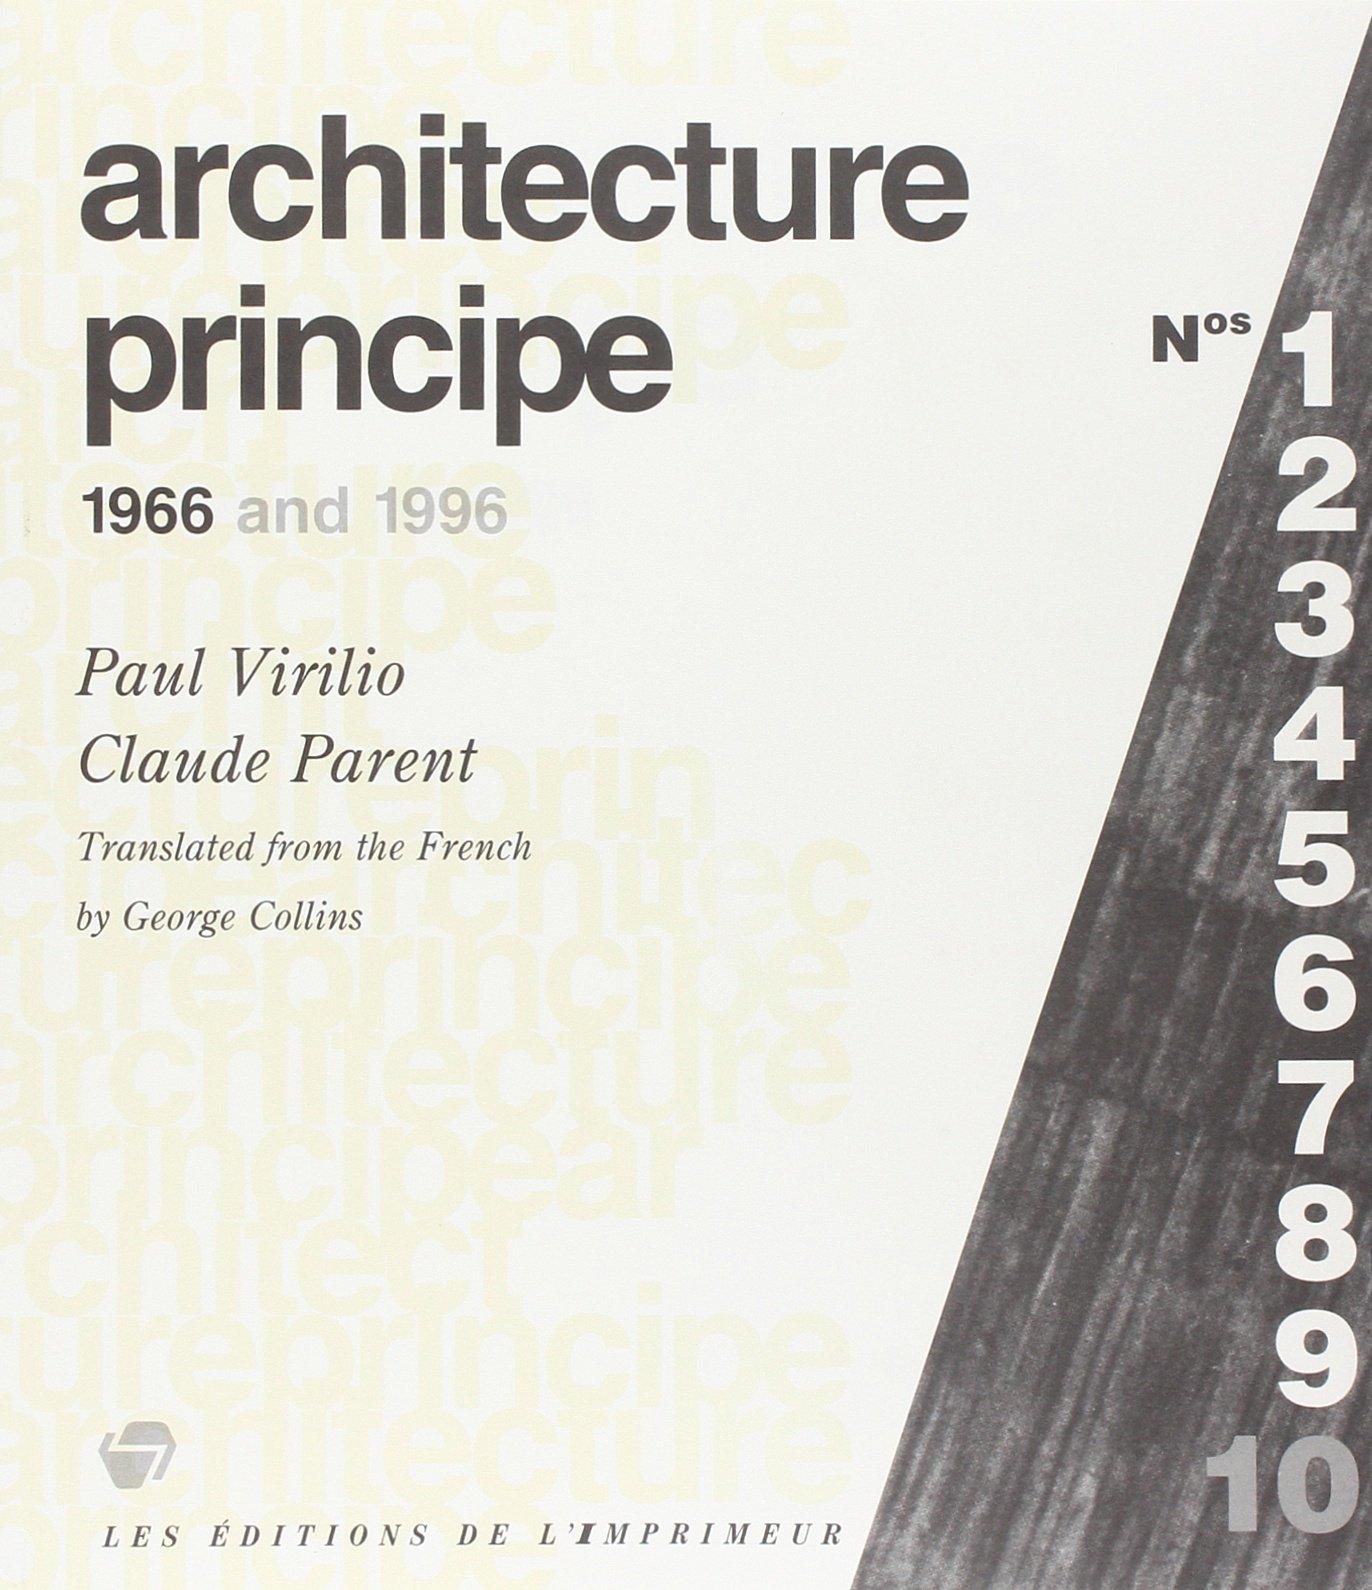 Architecture Principe: 1966 and 1996 by Les Editions de l'Imprimeur